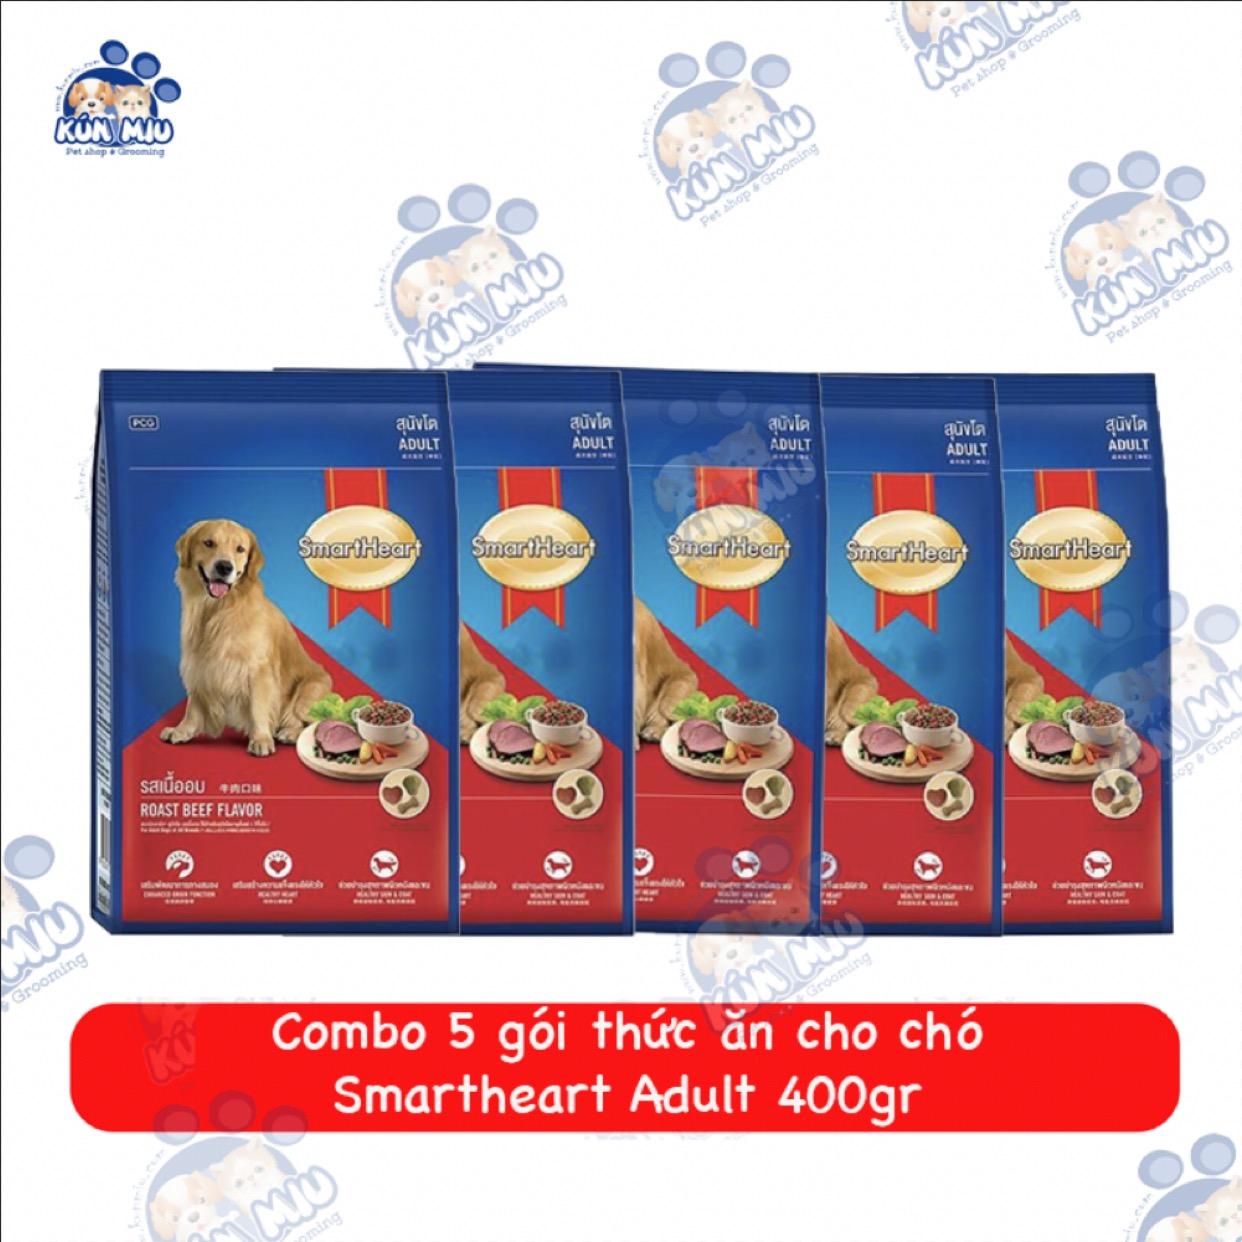 Combo 5 gói Thức ăn cho chó Smartheart Adult 400gr